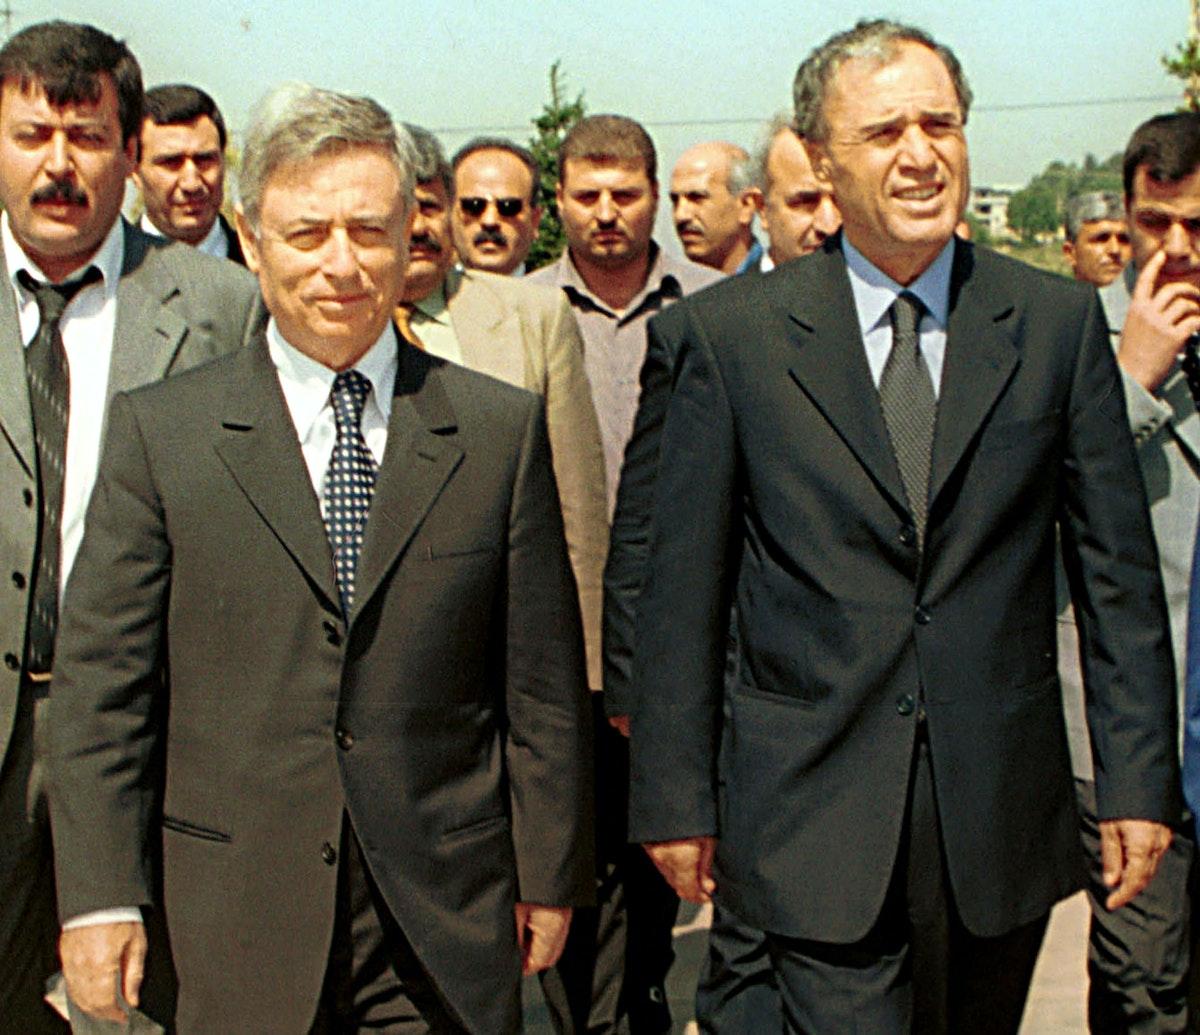 نائب الرئيس السوري السابق عبد الحليم خدام ورئيس الاستخبارات السورية السابق في لبنان غازي كنعان في طرابلس- 3 يونيو 2001 - REUTERS